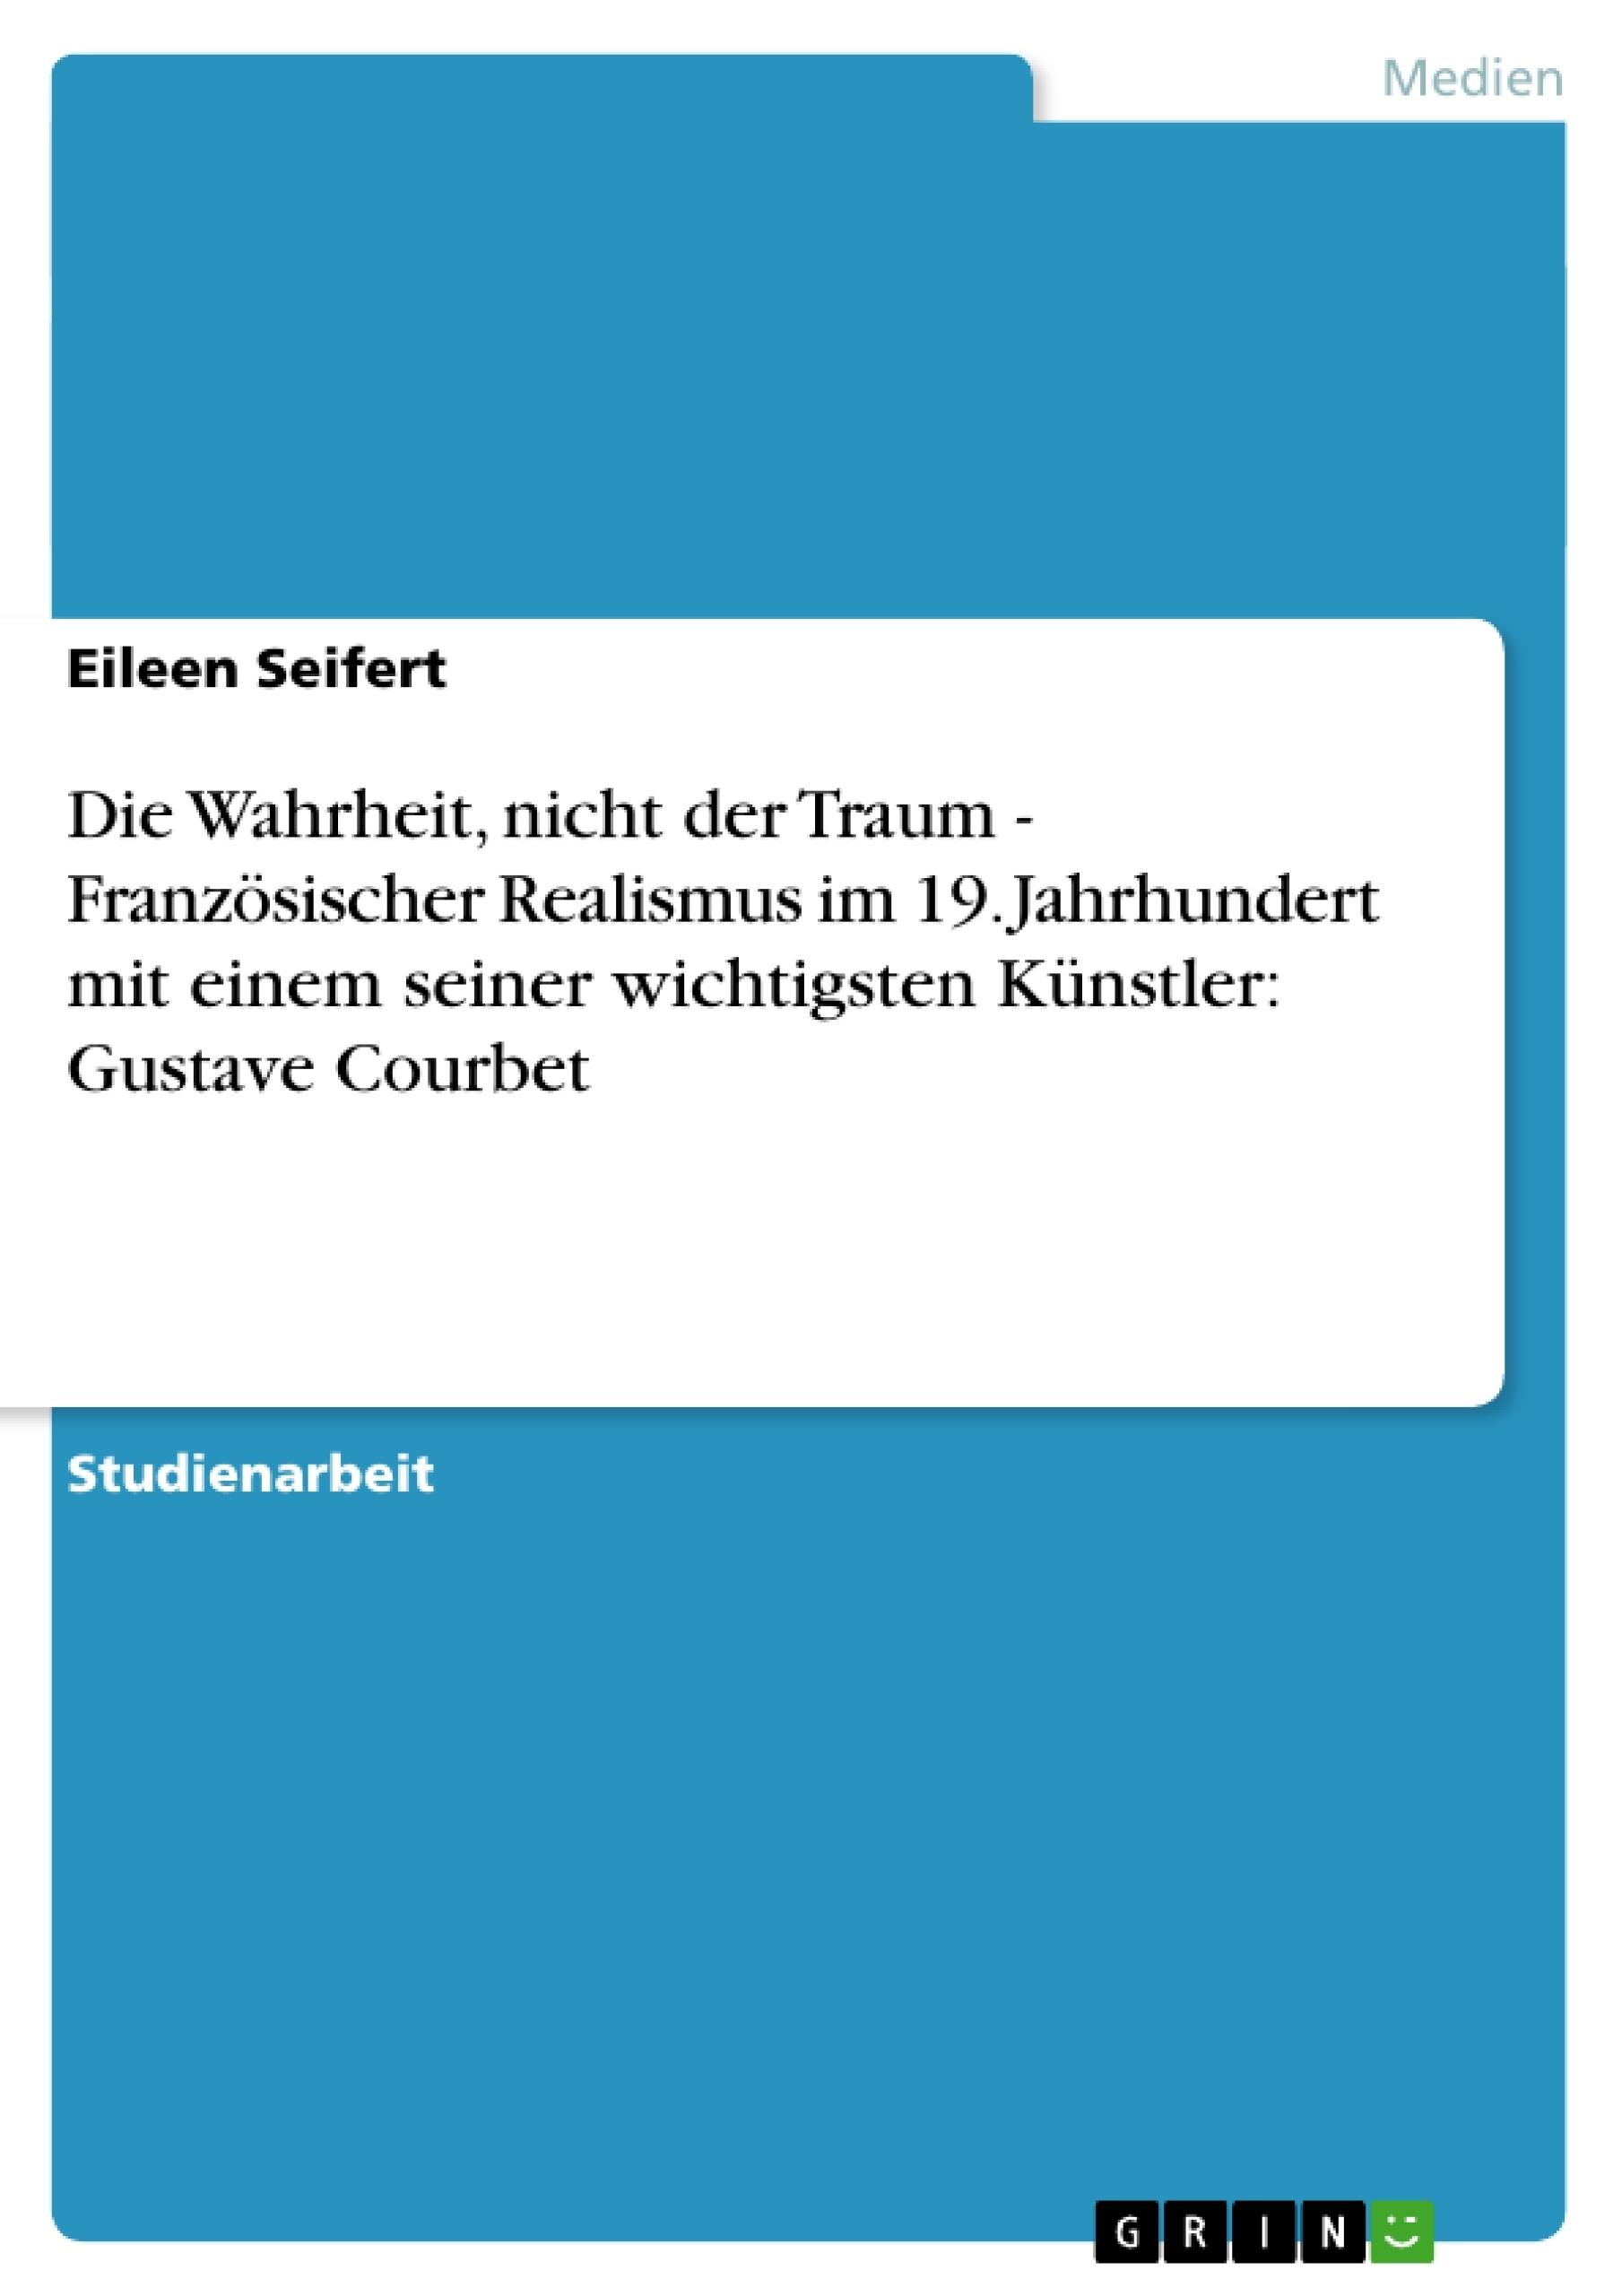 Titel: Die Wahrheit, nicht der Traum - Französischer Realismus im 19. Jahrhundert mit einem seiner wichtigsten Künstler: Gustave Courbet